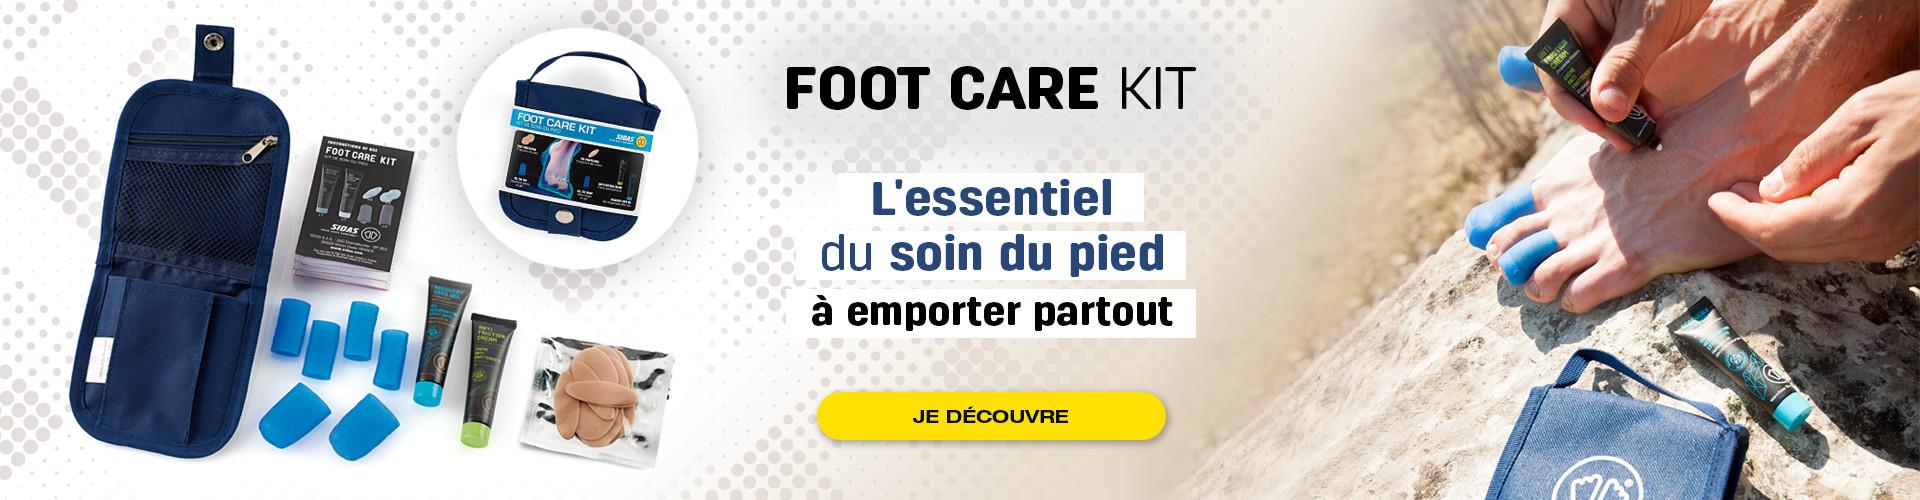 Découvrez le footcare kit : à emporter partout avec vous pour éviter les douleurs aux pieds durant vos activités sportives !